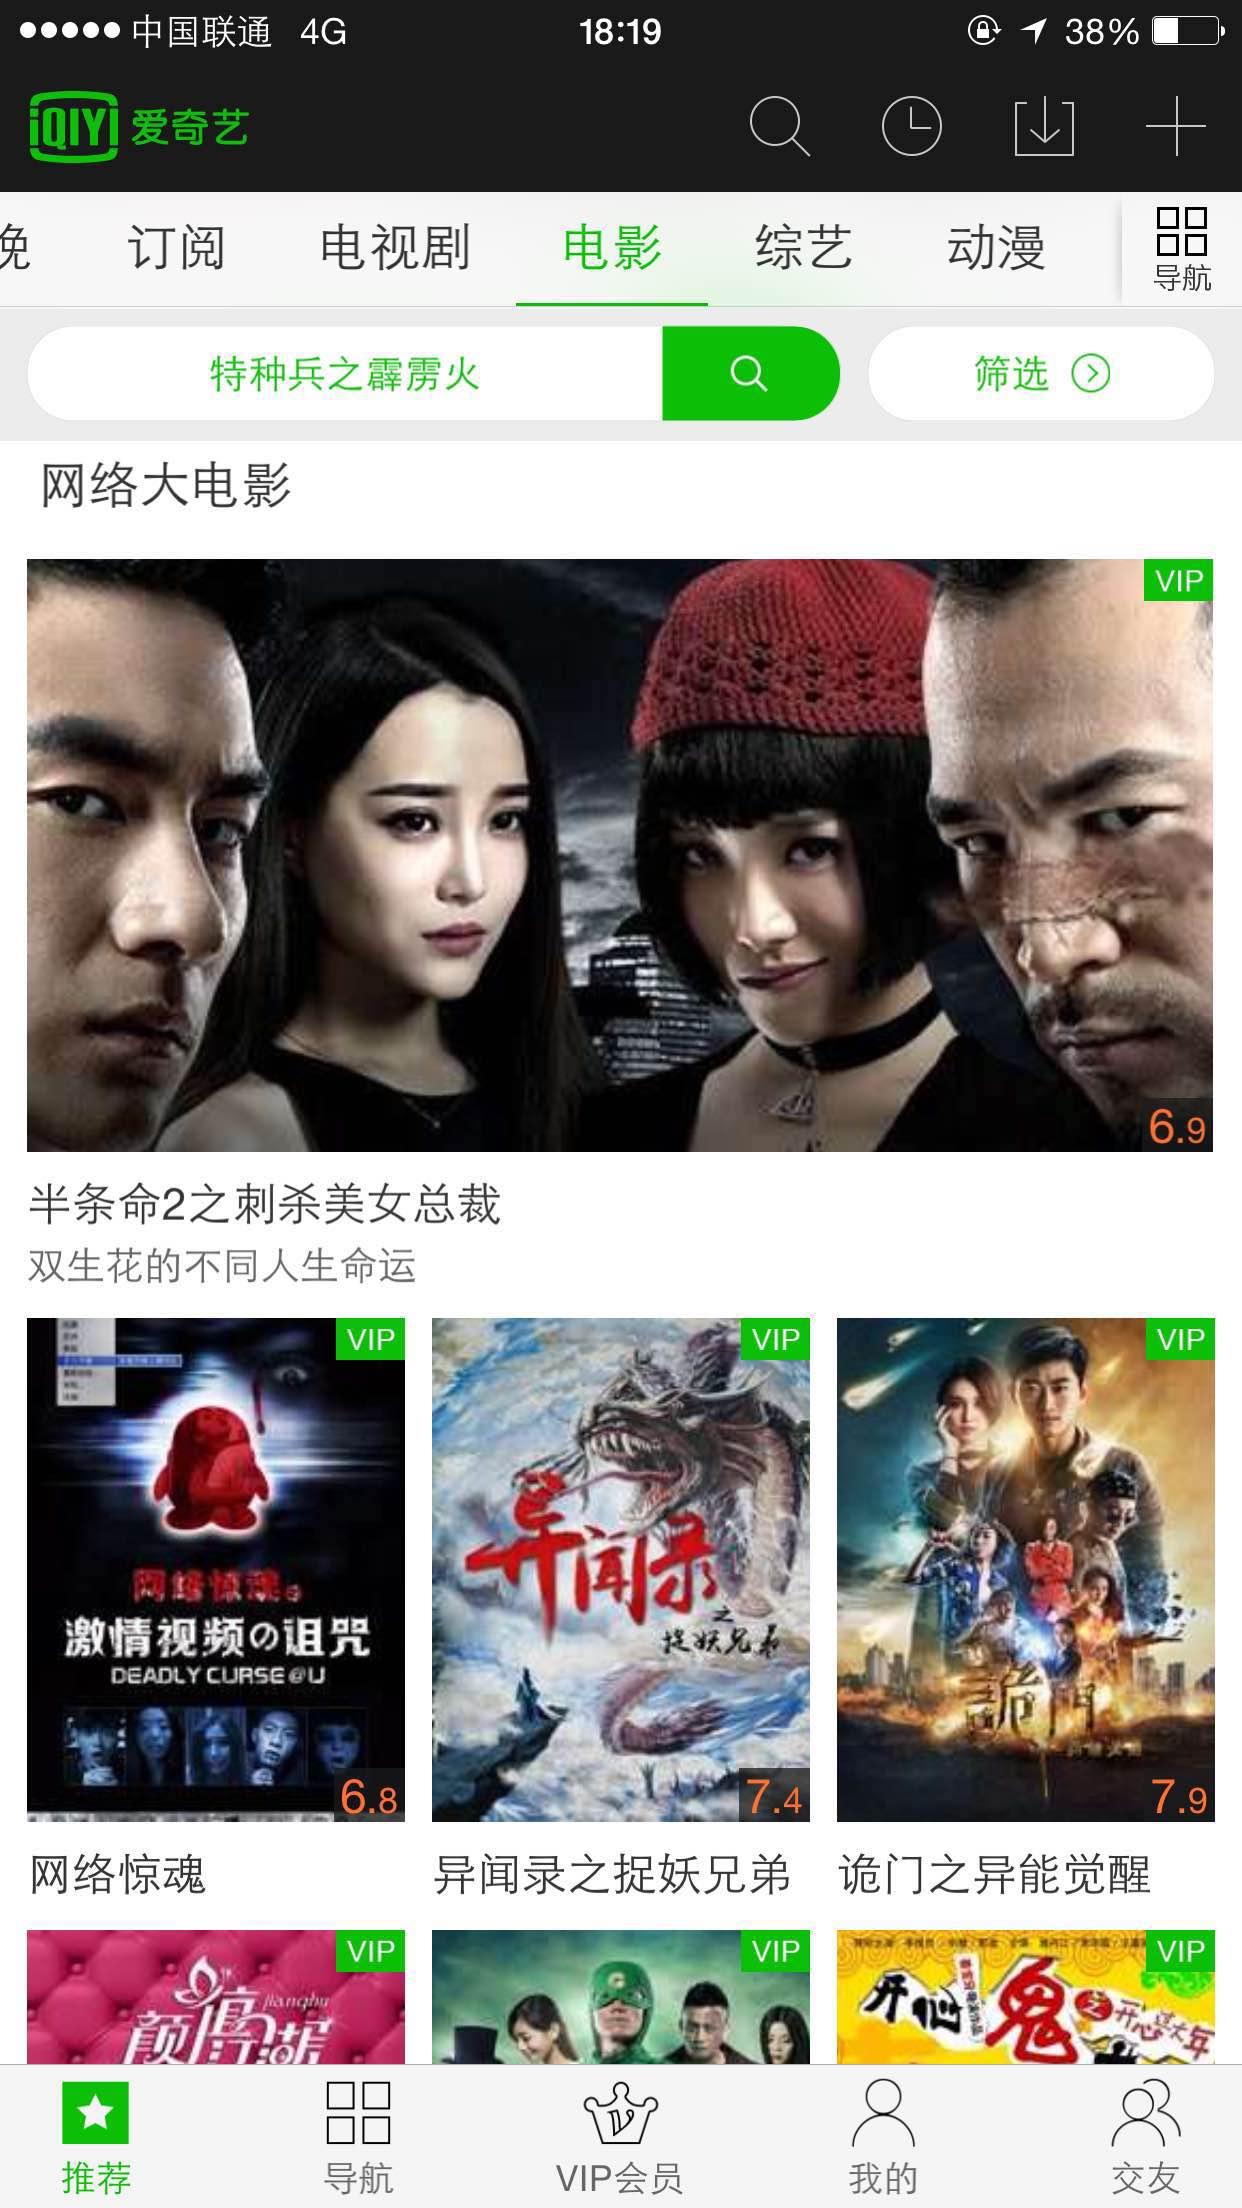 爱奇艺电影频道网络大电影推荐